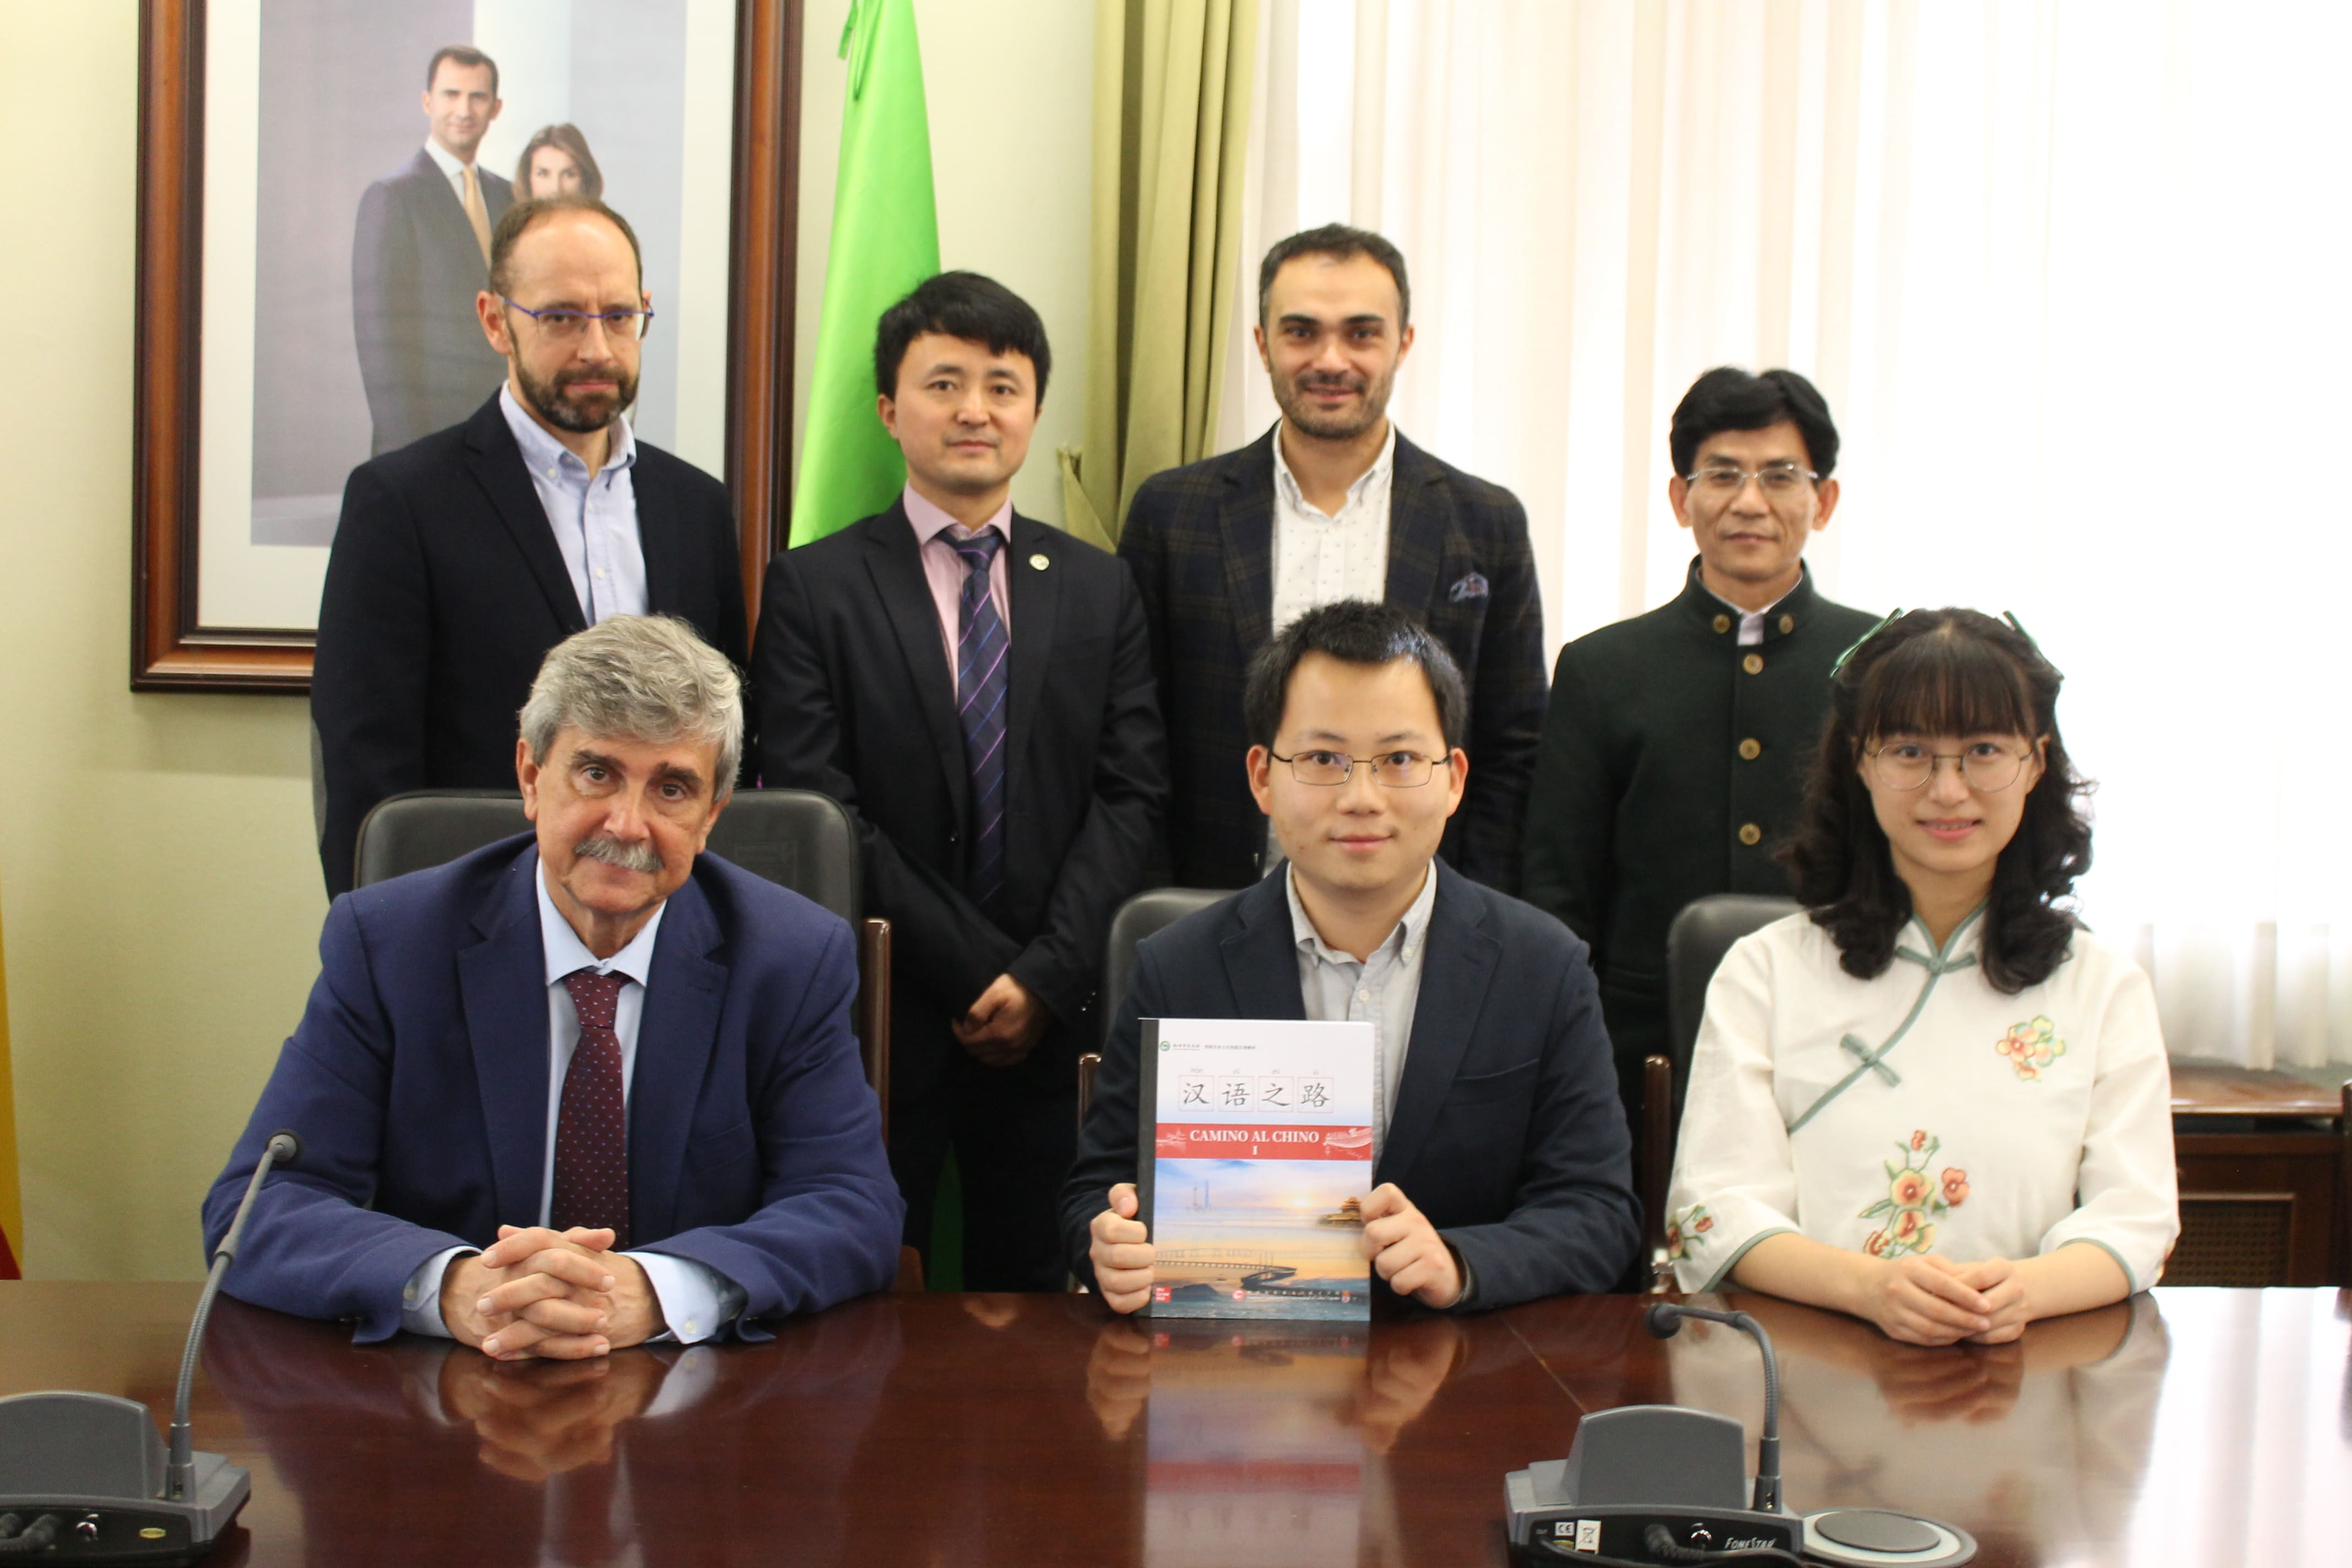 El Instituto Confucio de la ULE presenta el segundo volumen del 'Camino al Chino' - imagen 3